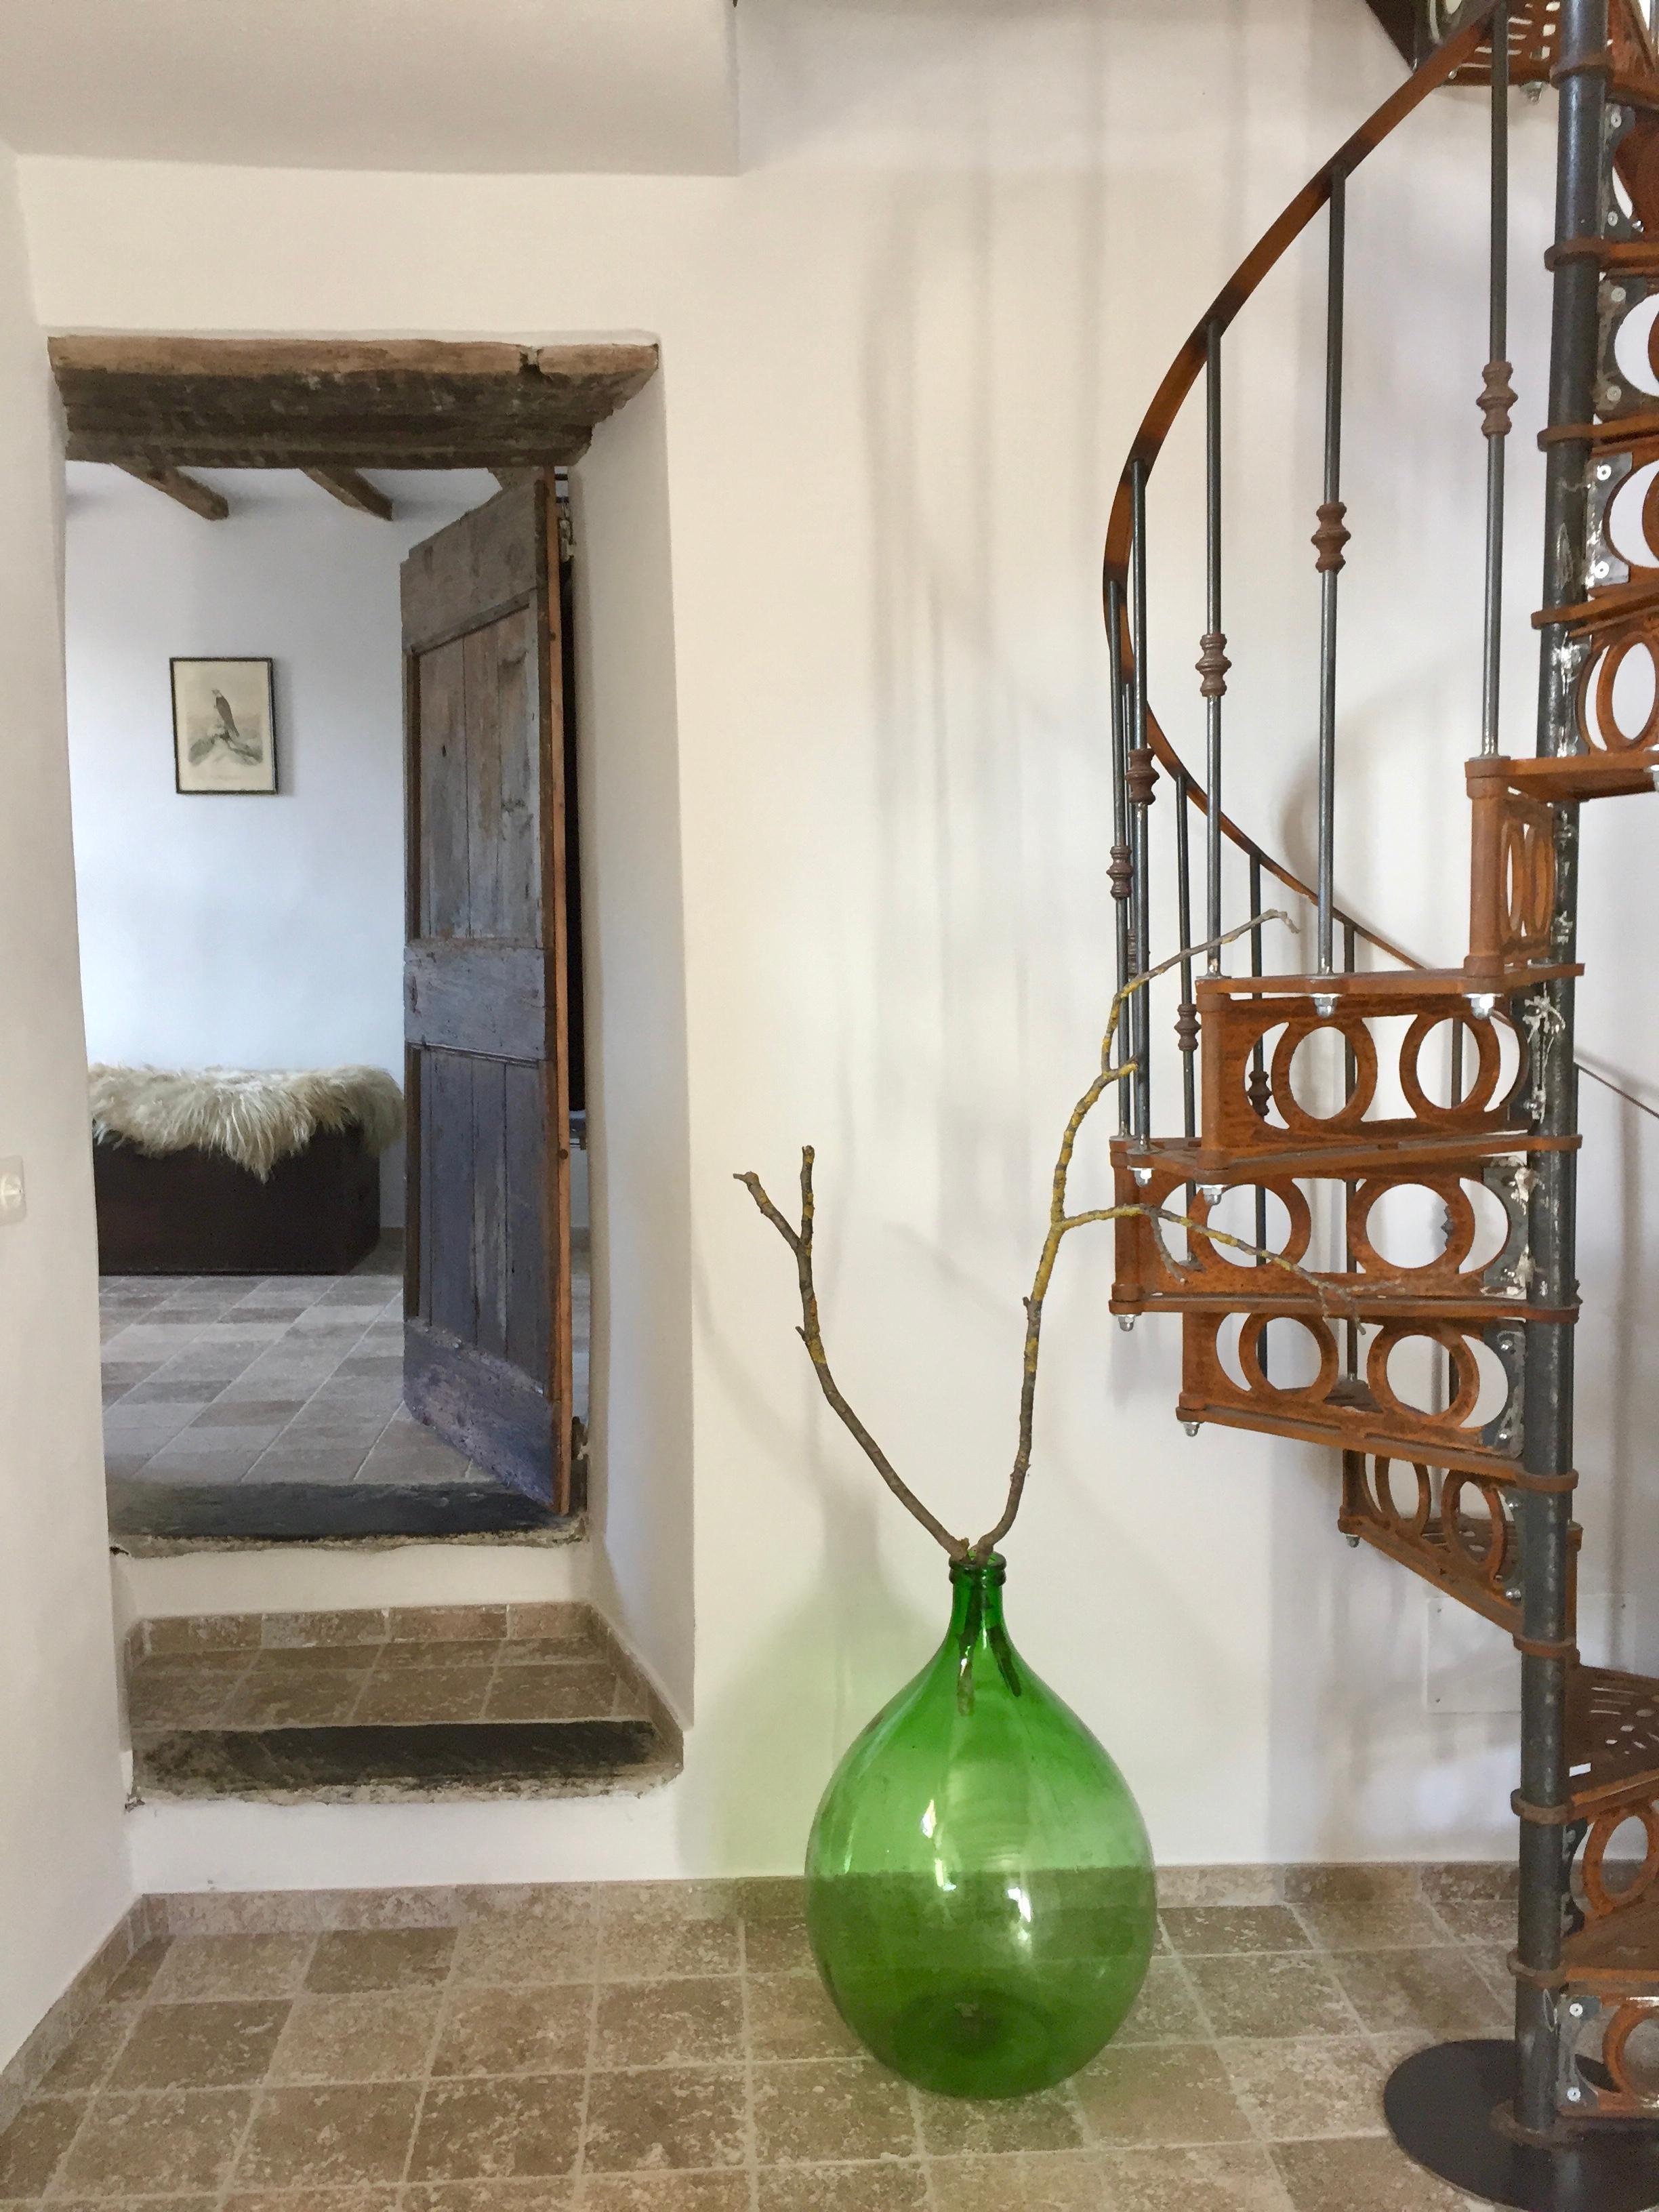 Wohnzimmer Renovieren Bilder | Renovieren Leicht Gemacht Tolle Wohnideen Und Tipps Zum Renovieren